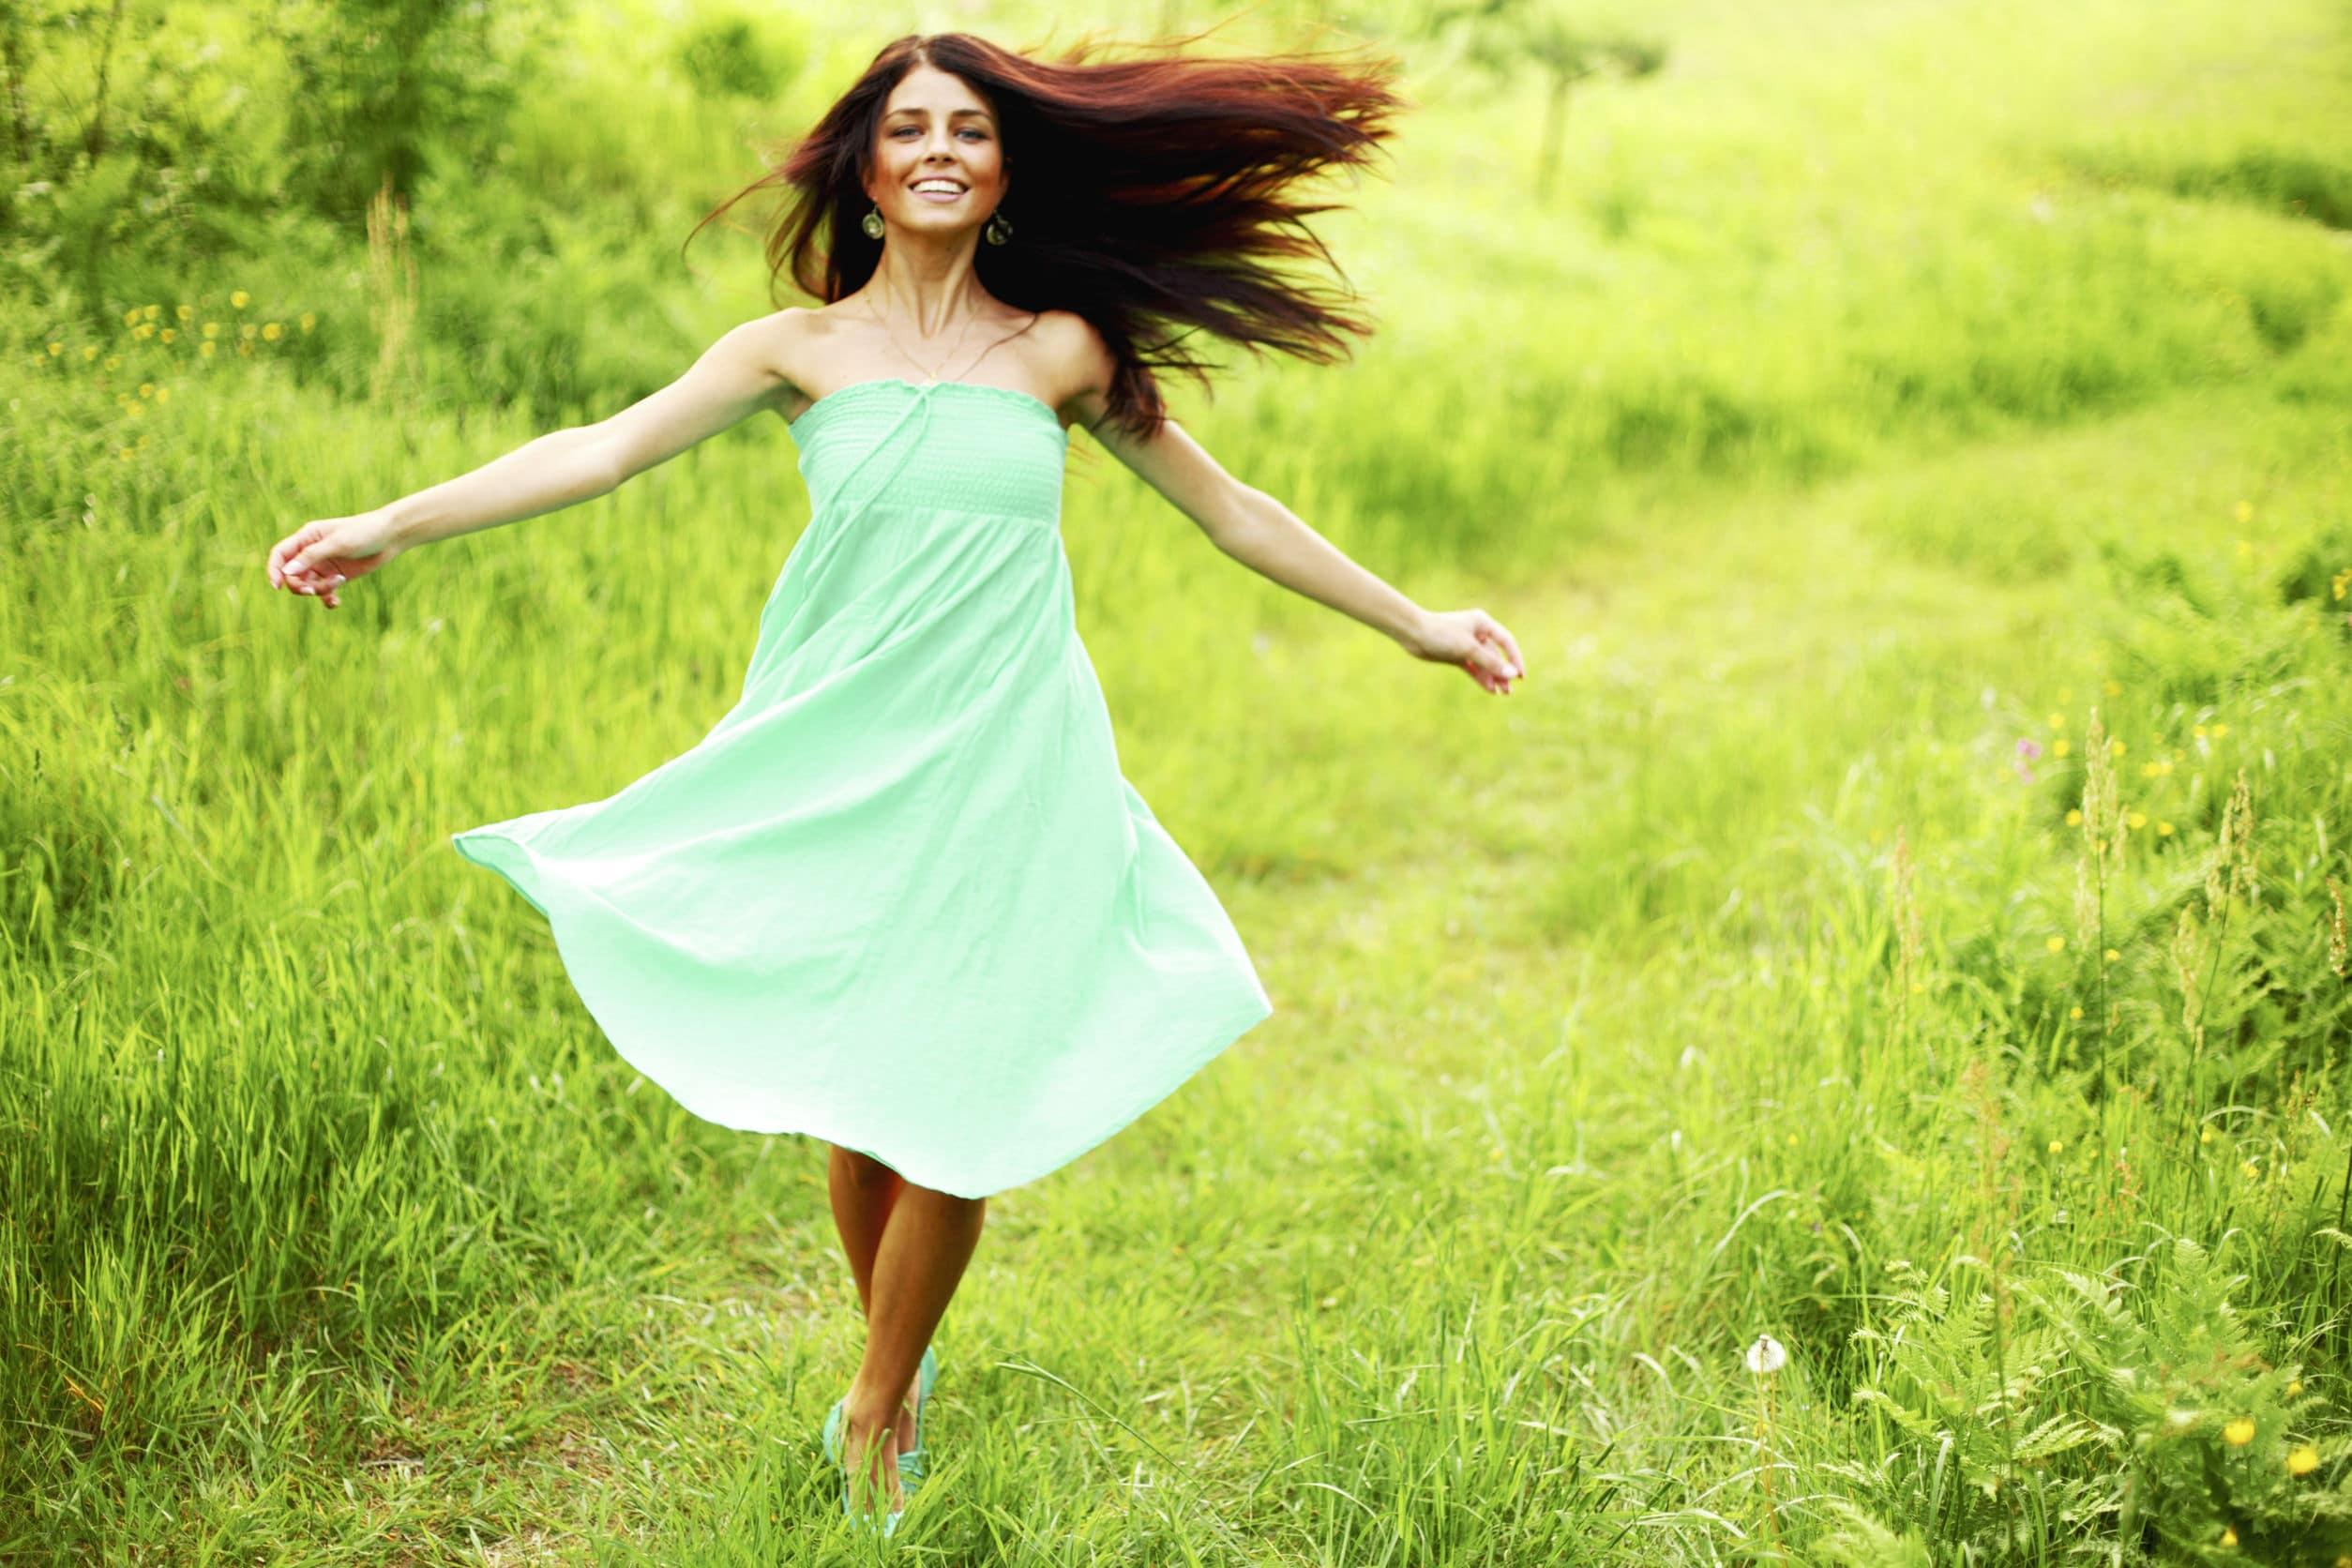 Mulher branca, de cabelos ruivos, com um vestido verde claro, correndo sorridente em um campo verde.